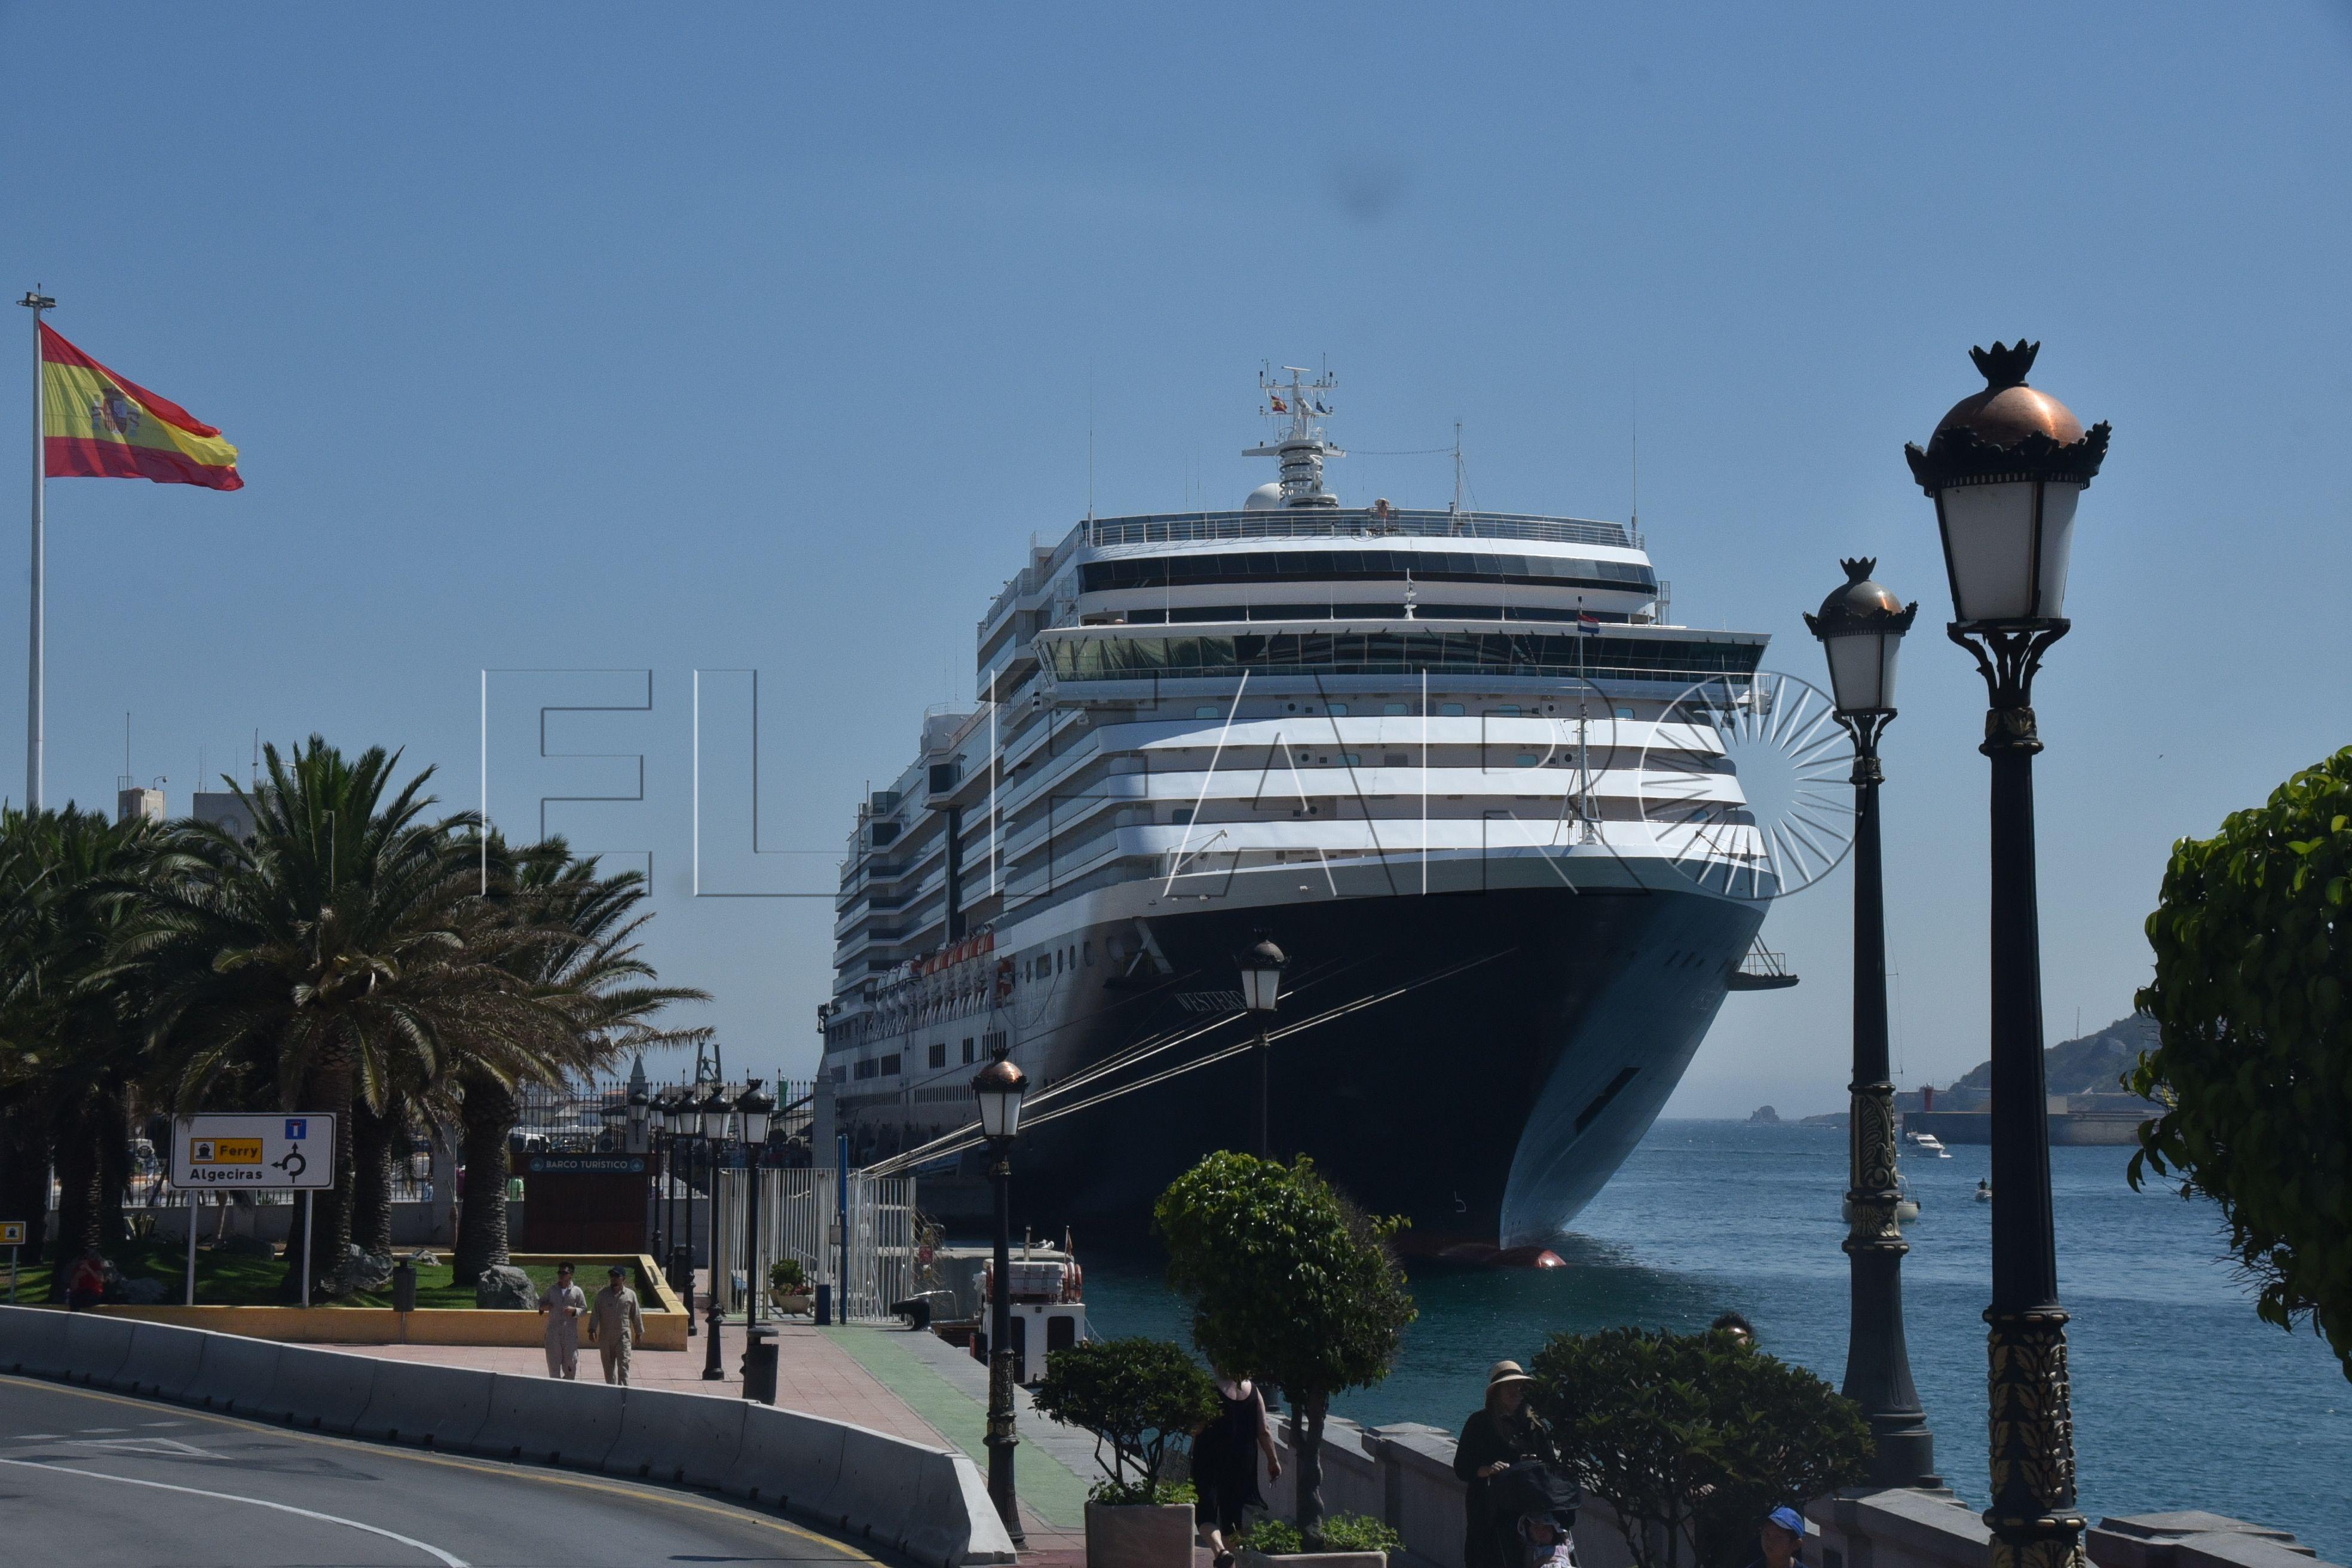 Un nuevo crucero desembarcará el Ceuta el próximo sábado